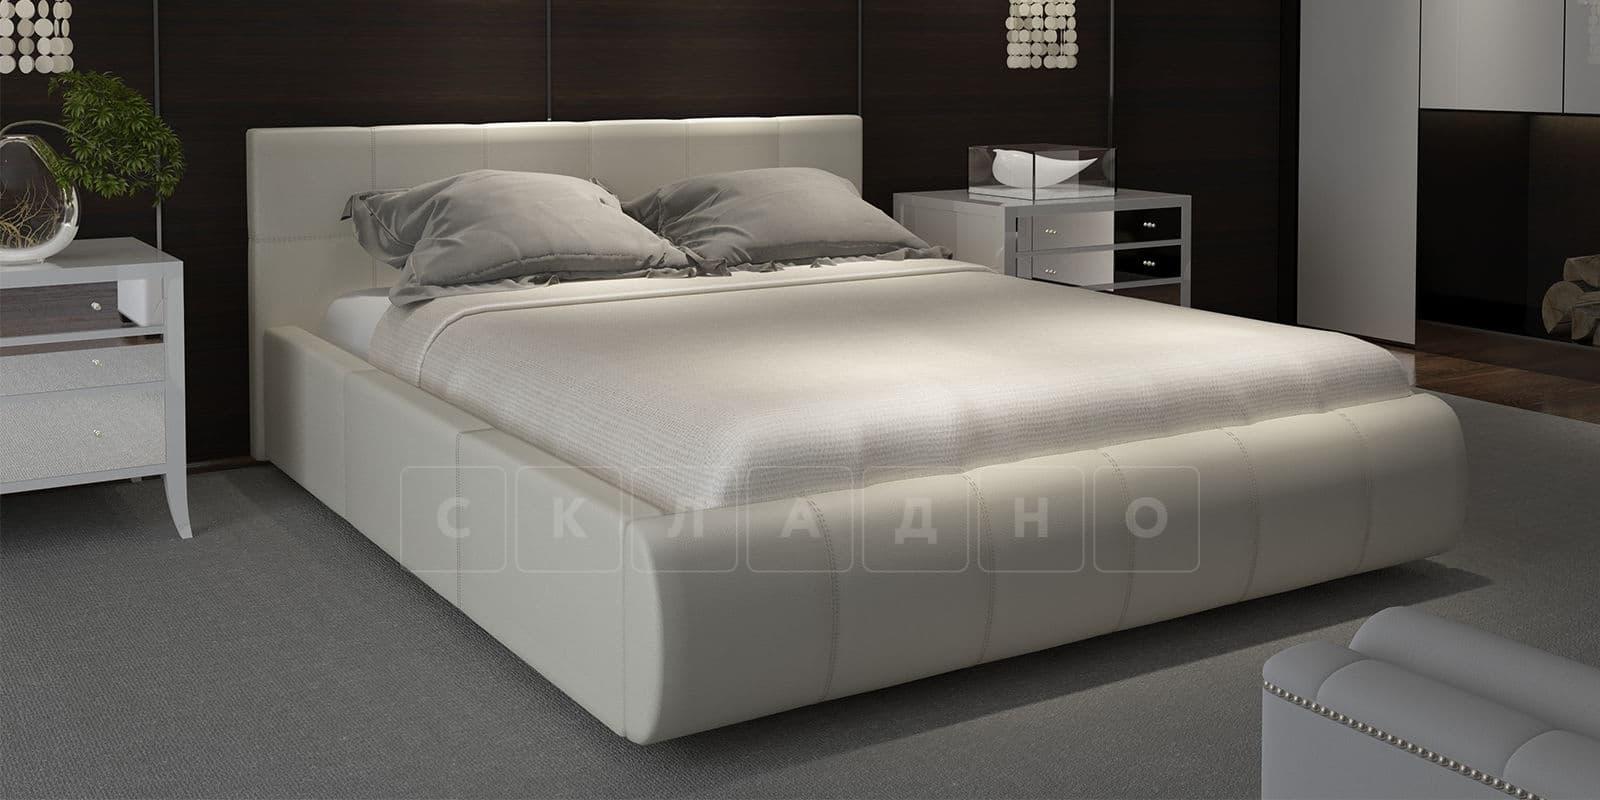 Мягкая кровать Афина 180см молочного цвета экокожа фото 1 | интернет-магазин Складно